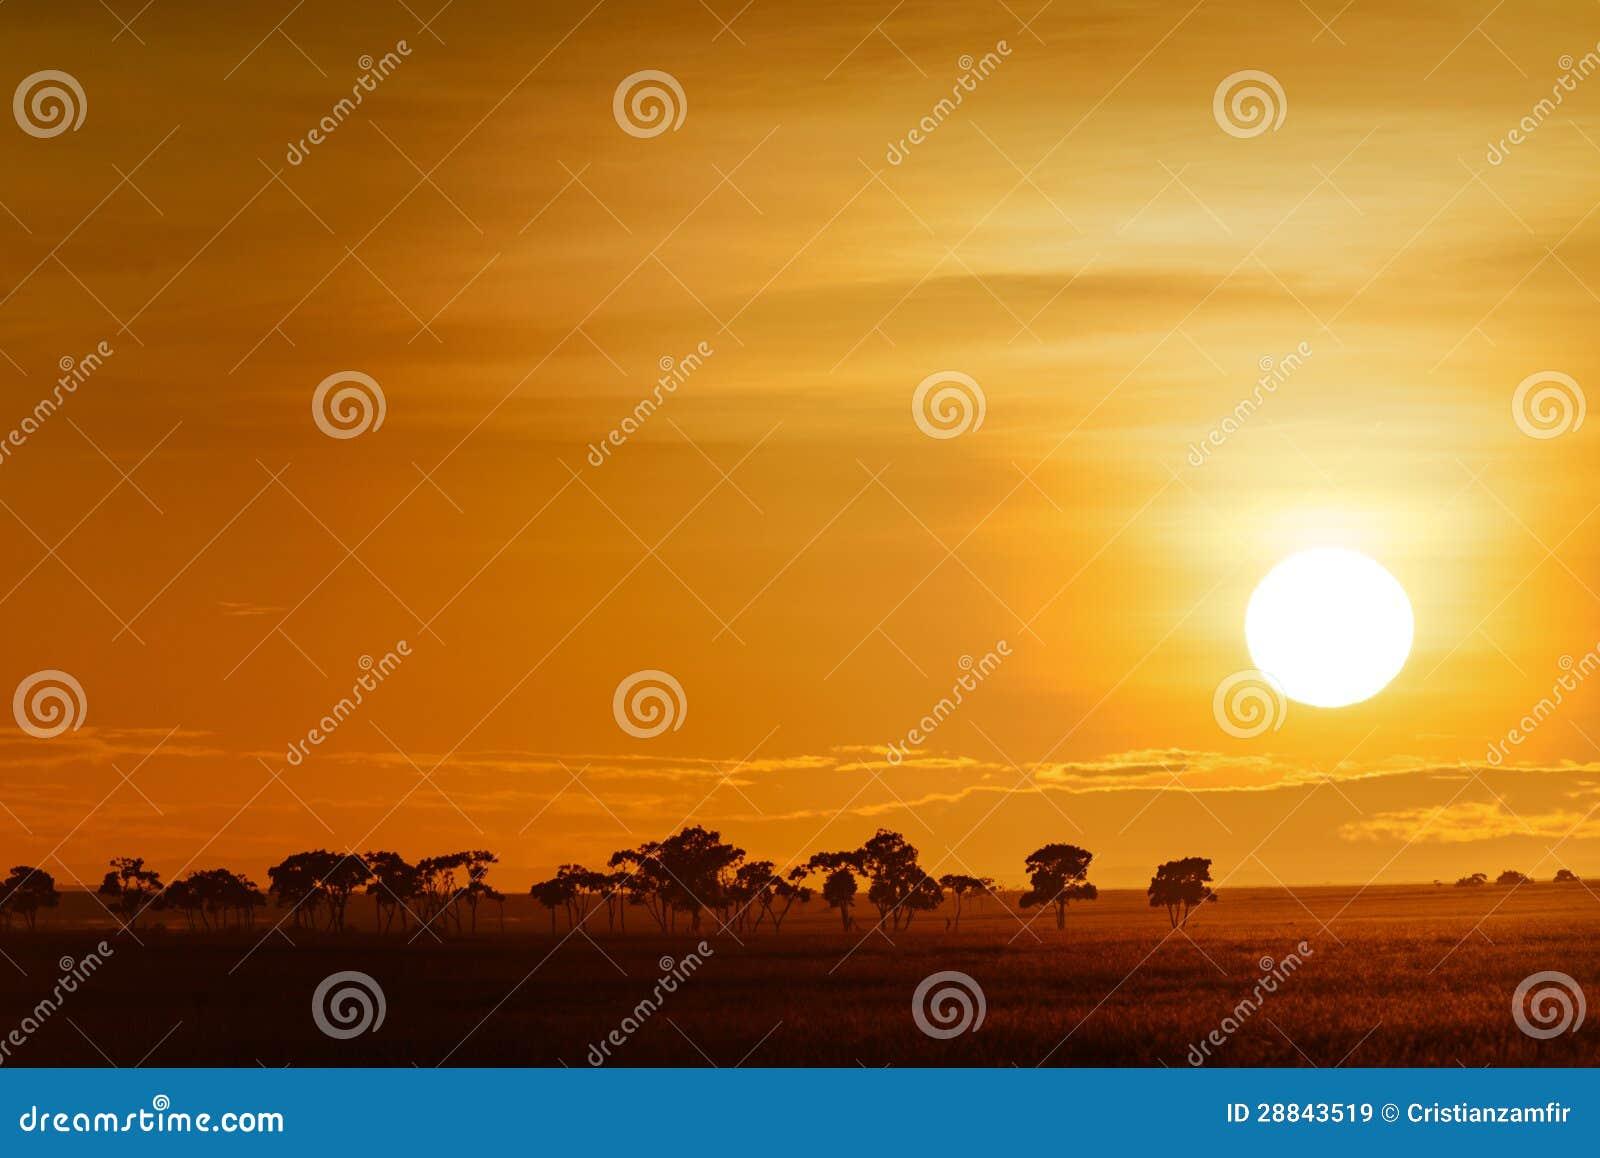 Paisaje con salida del sol en la sabana